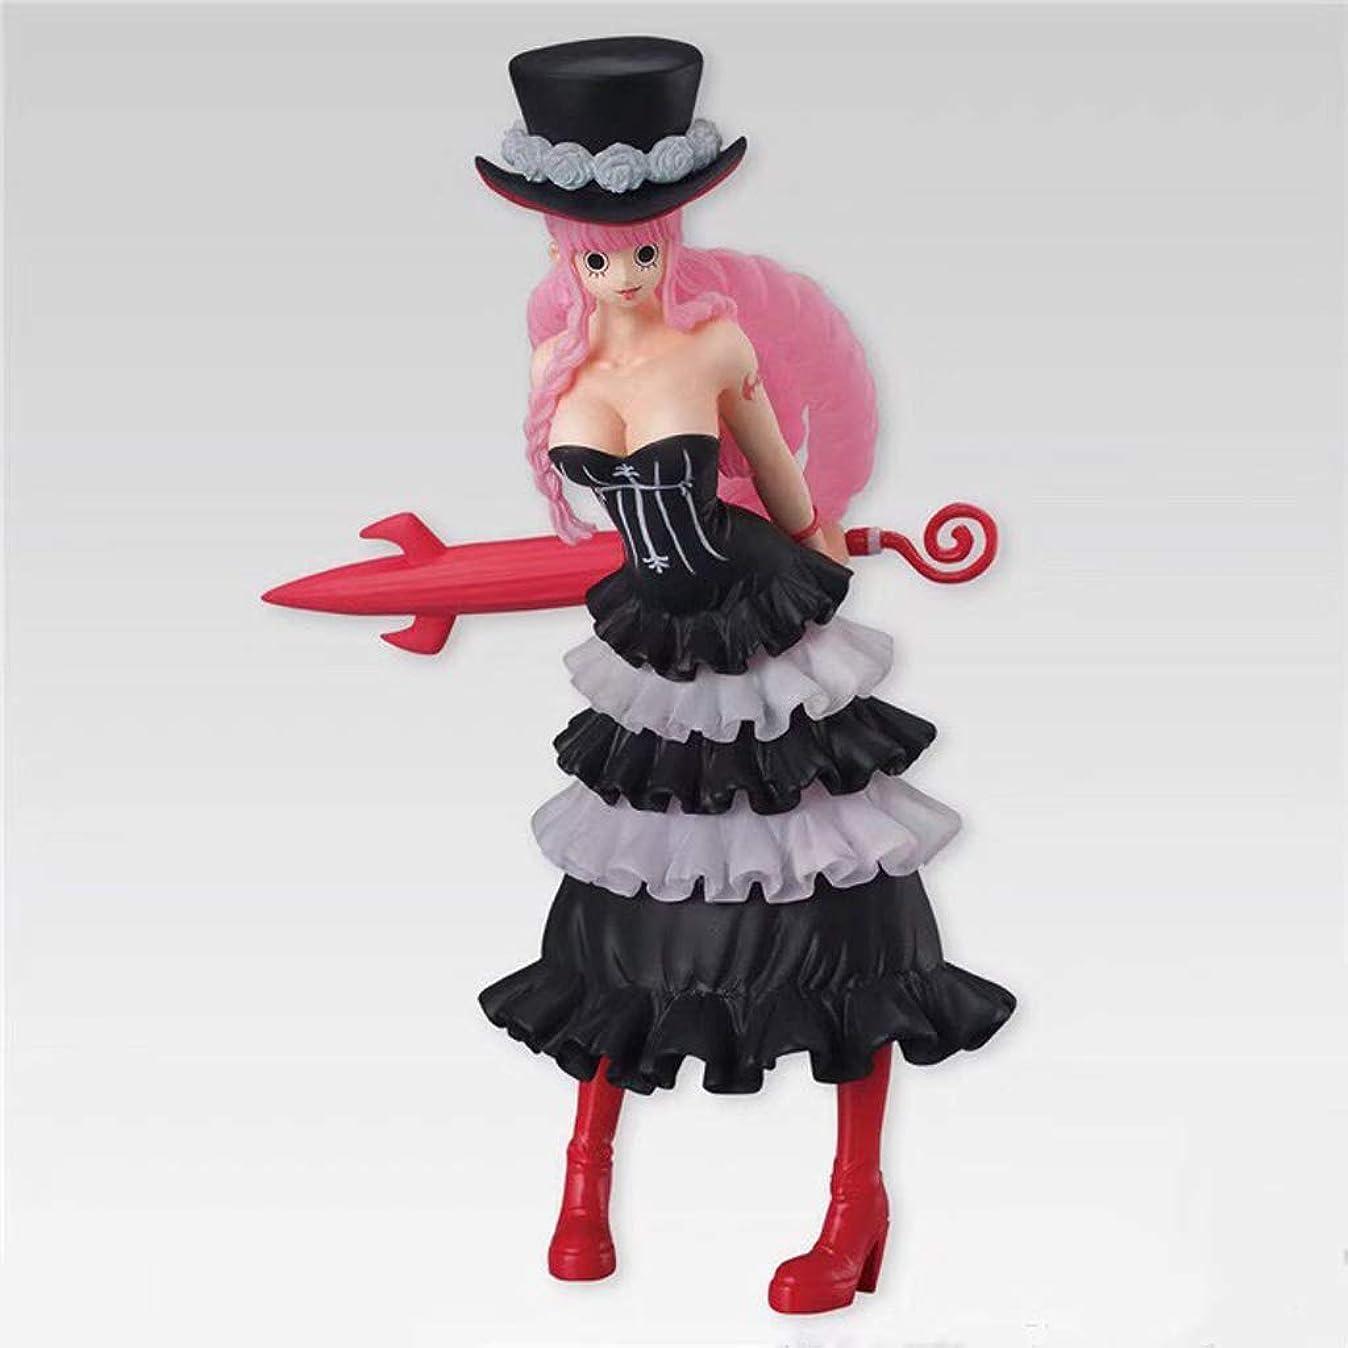 姉妹明らか回転ペローナ玩具像ワンピース玩具像玩具モデル漫画のキャラクターお土産/ 14センチ装飾品お土産 Hyococ